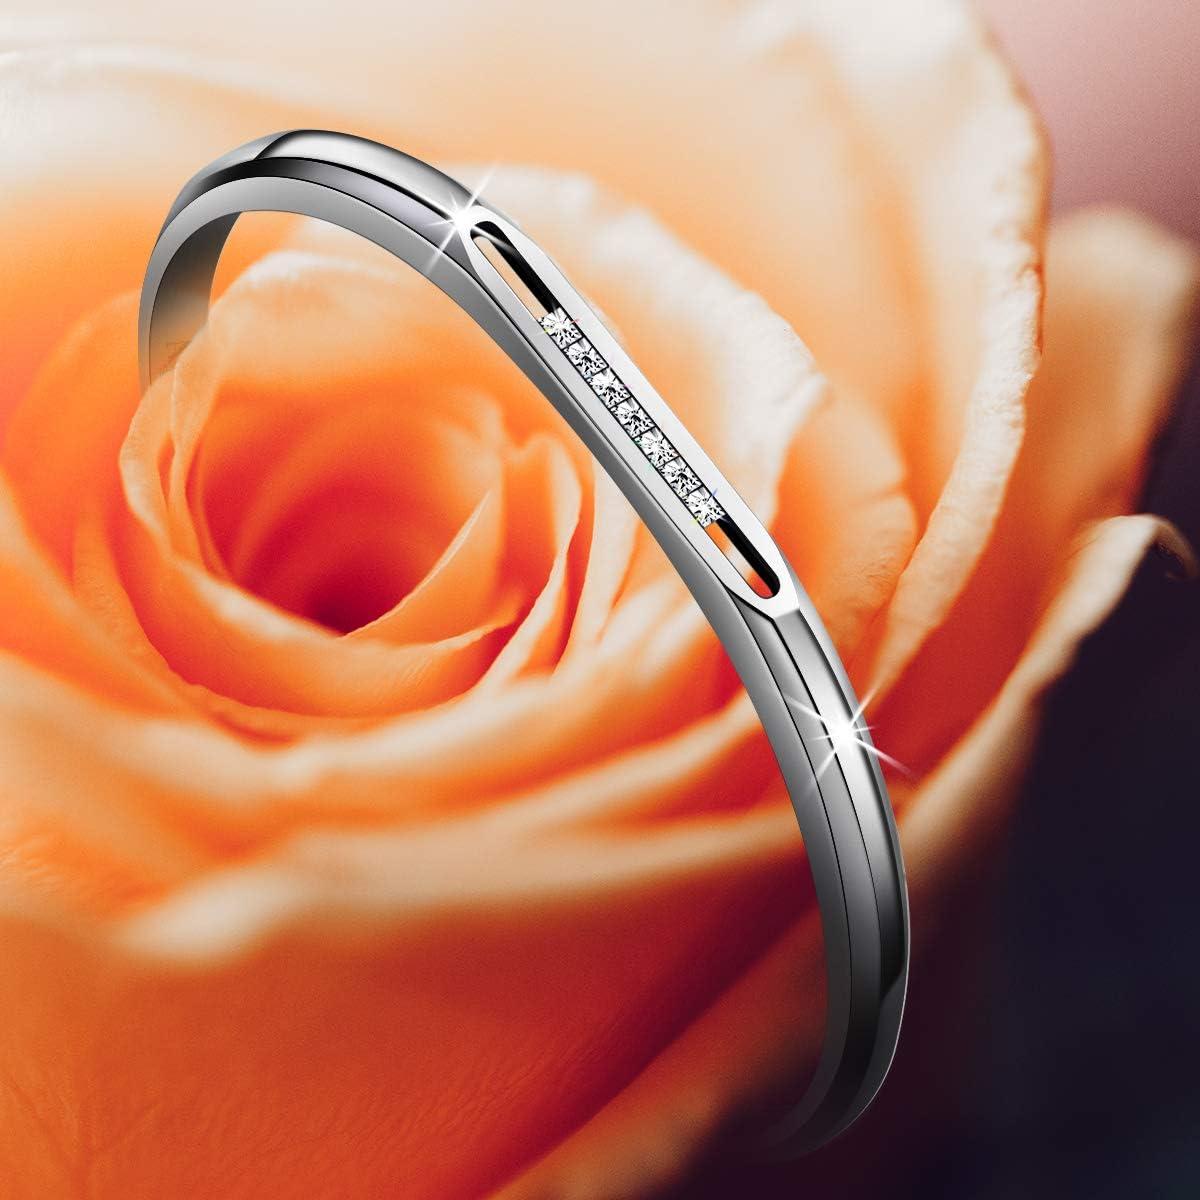 Glissable de Filles Jonc Manchette Ouvert Argent /& Or Rose Amtier Bracelet en Acier Inoxydable pour Femme avec 7 pi/èces Zirconium Cubique Cristaux